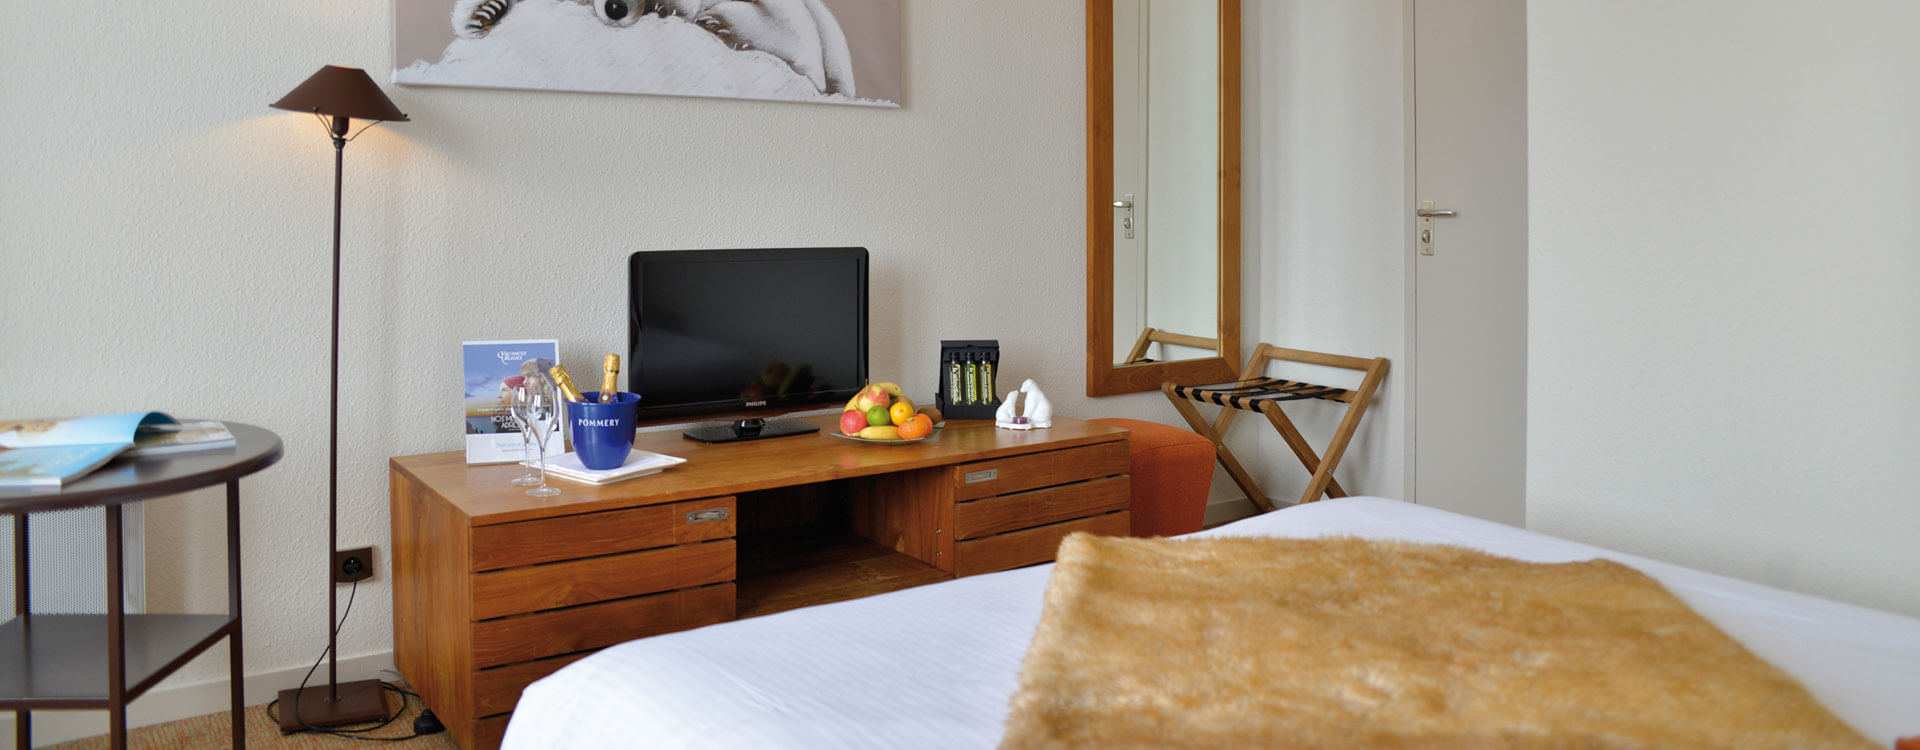 Chambres - Hôtel 3 étoiles à La Plagne